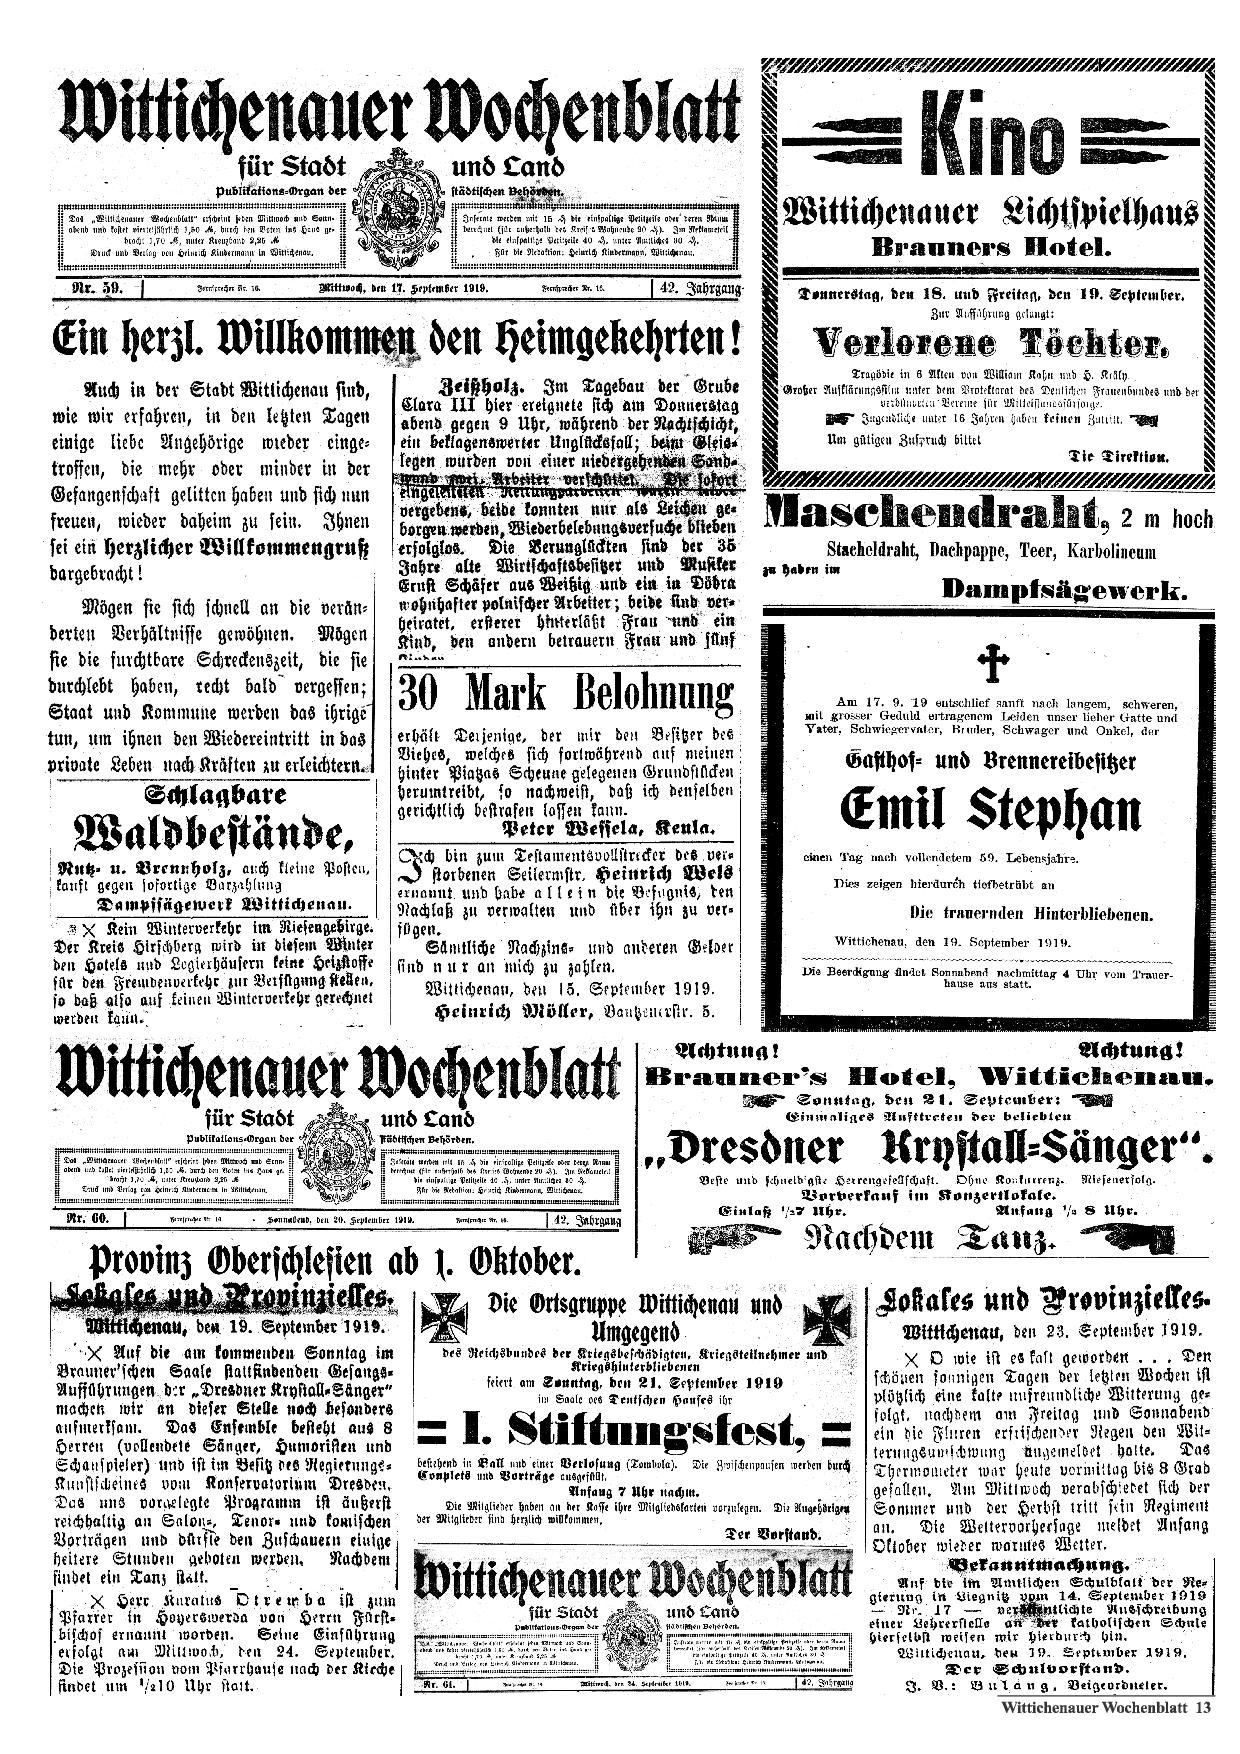 Wochenblatt Nr. 19 - 2019